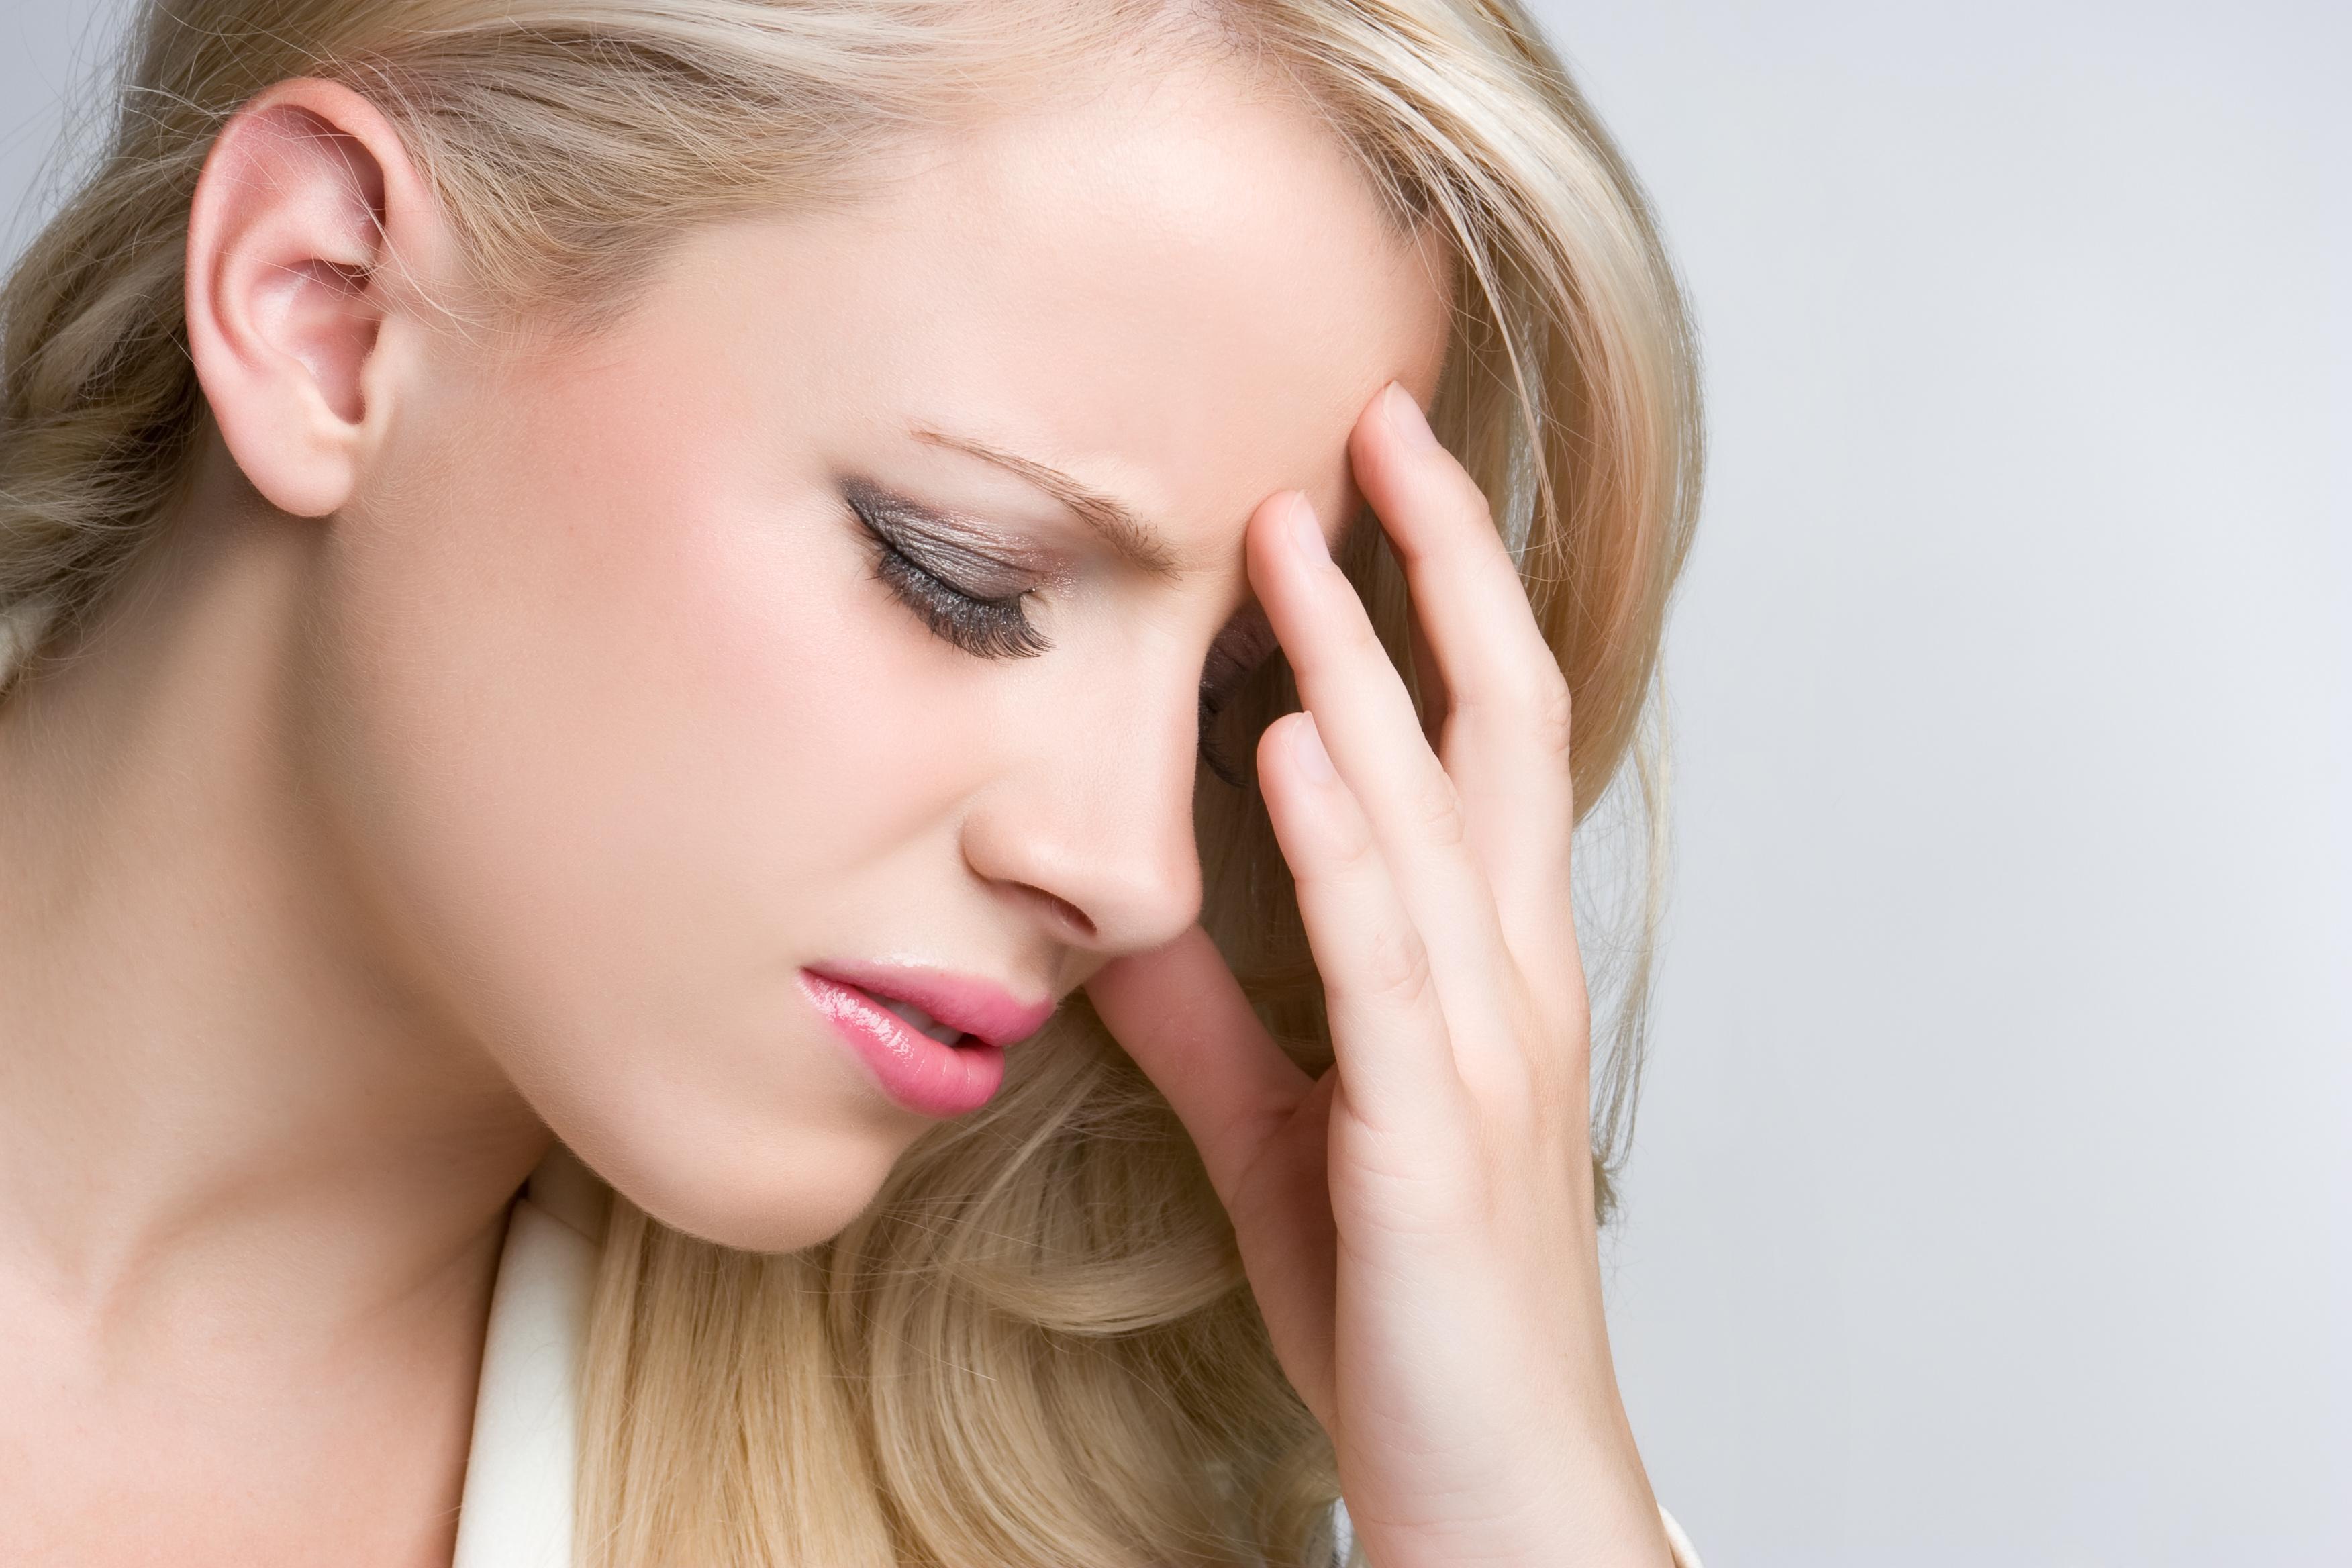 انواع سردرد و راه های درمان خانگی سردرد شدید